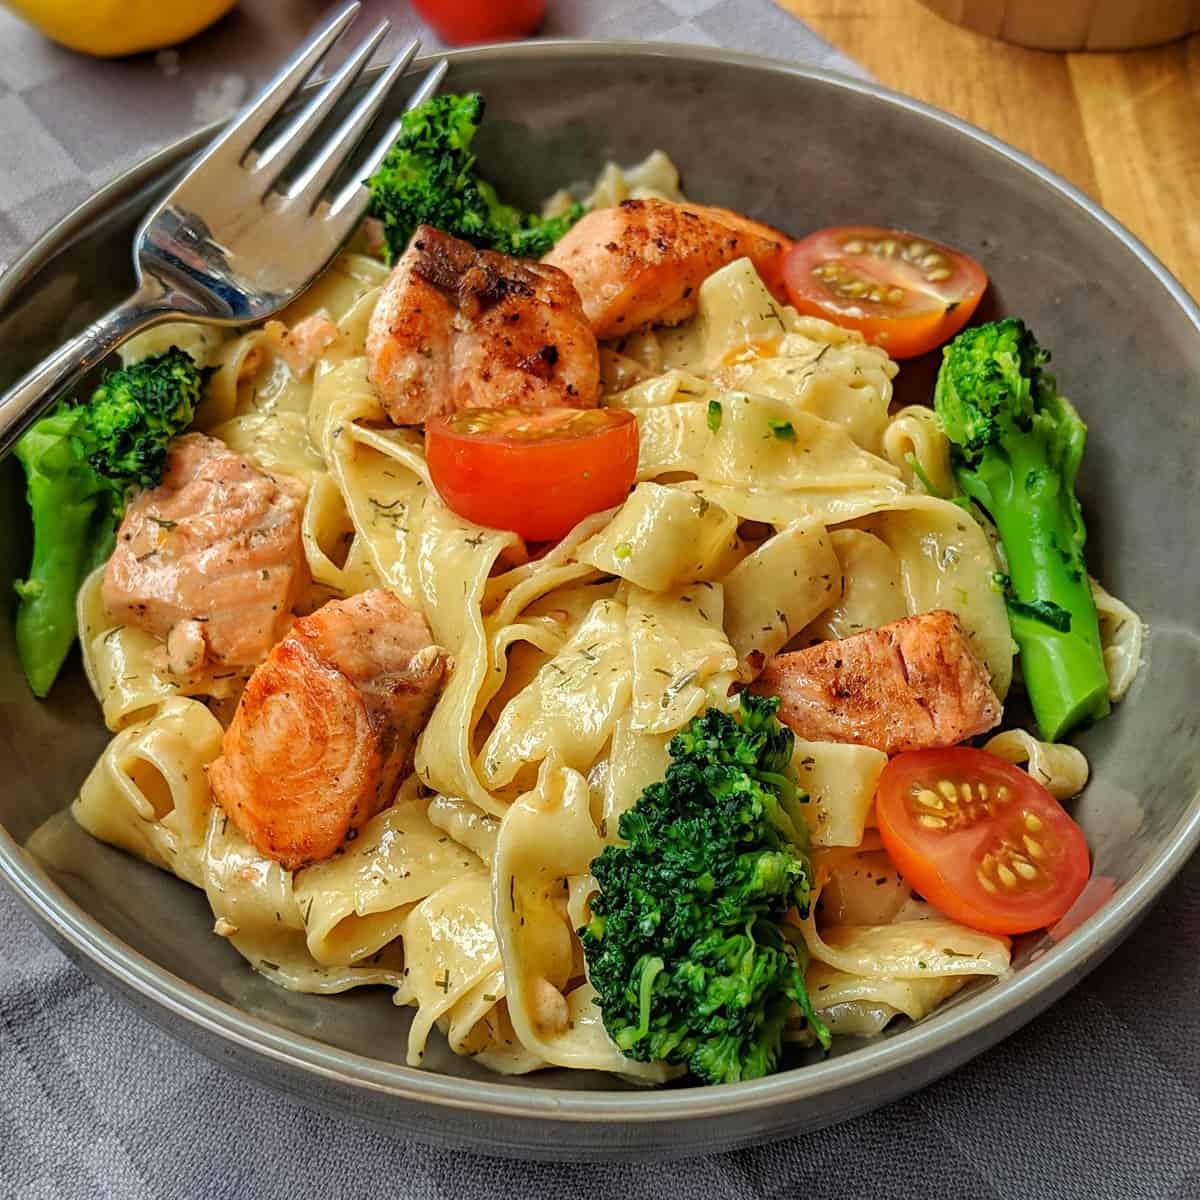 Ein Teller mit Nudeln und Lachs in Sahnesoße mit Brokkoli und Tomaten.